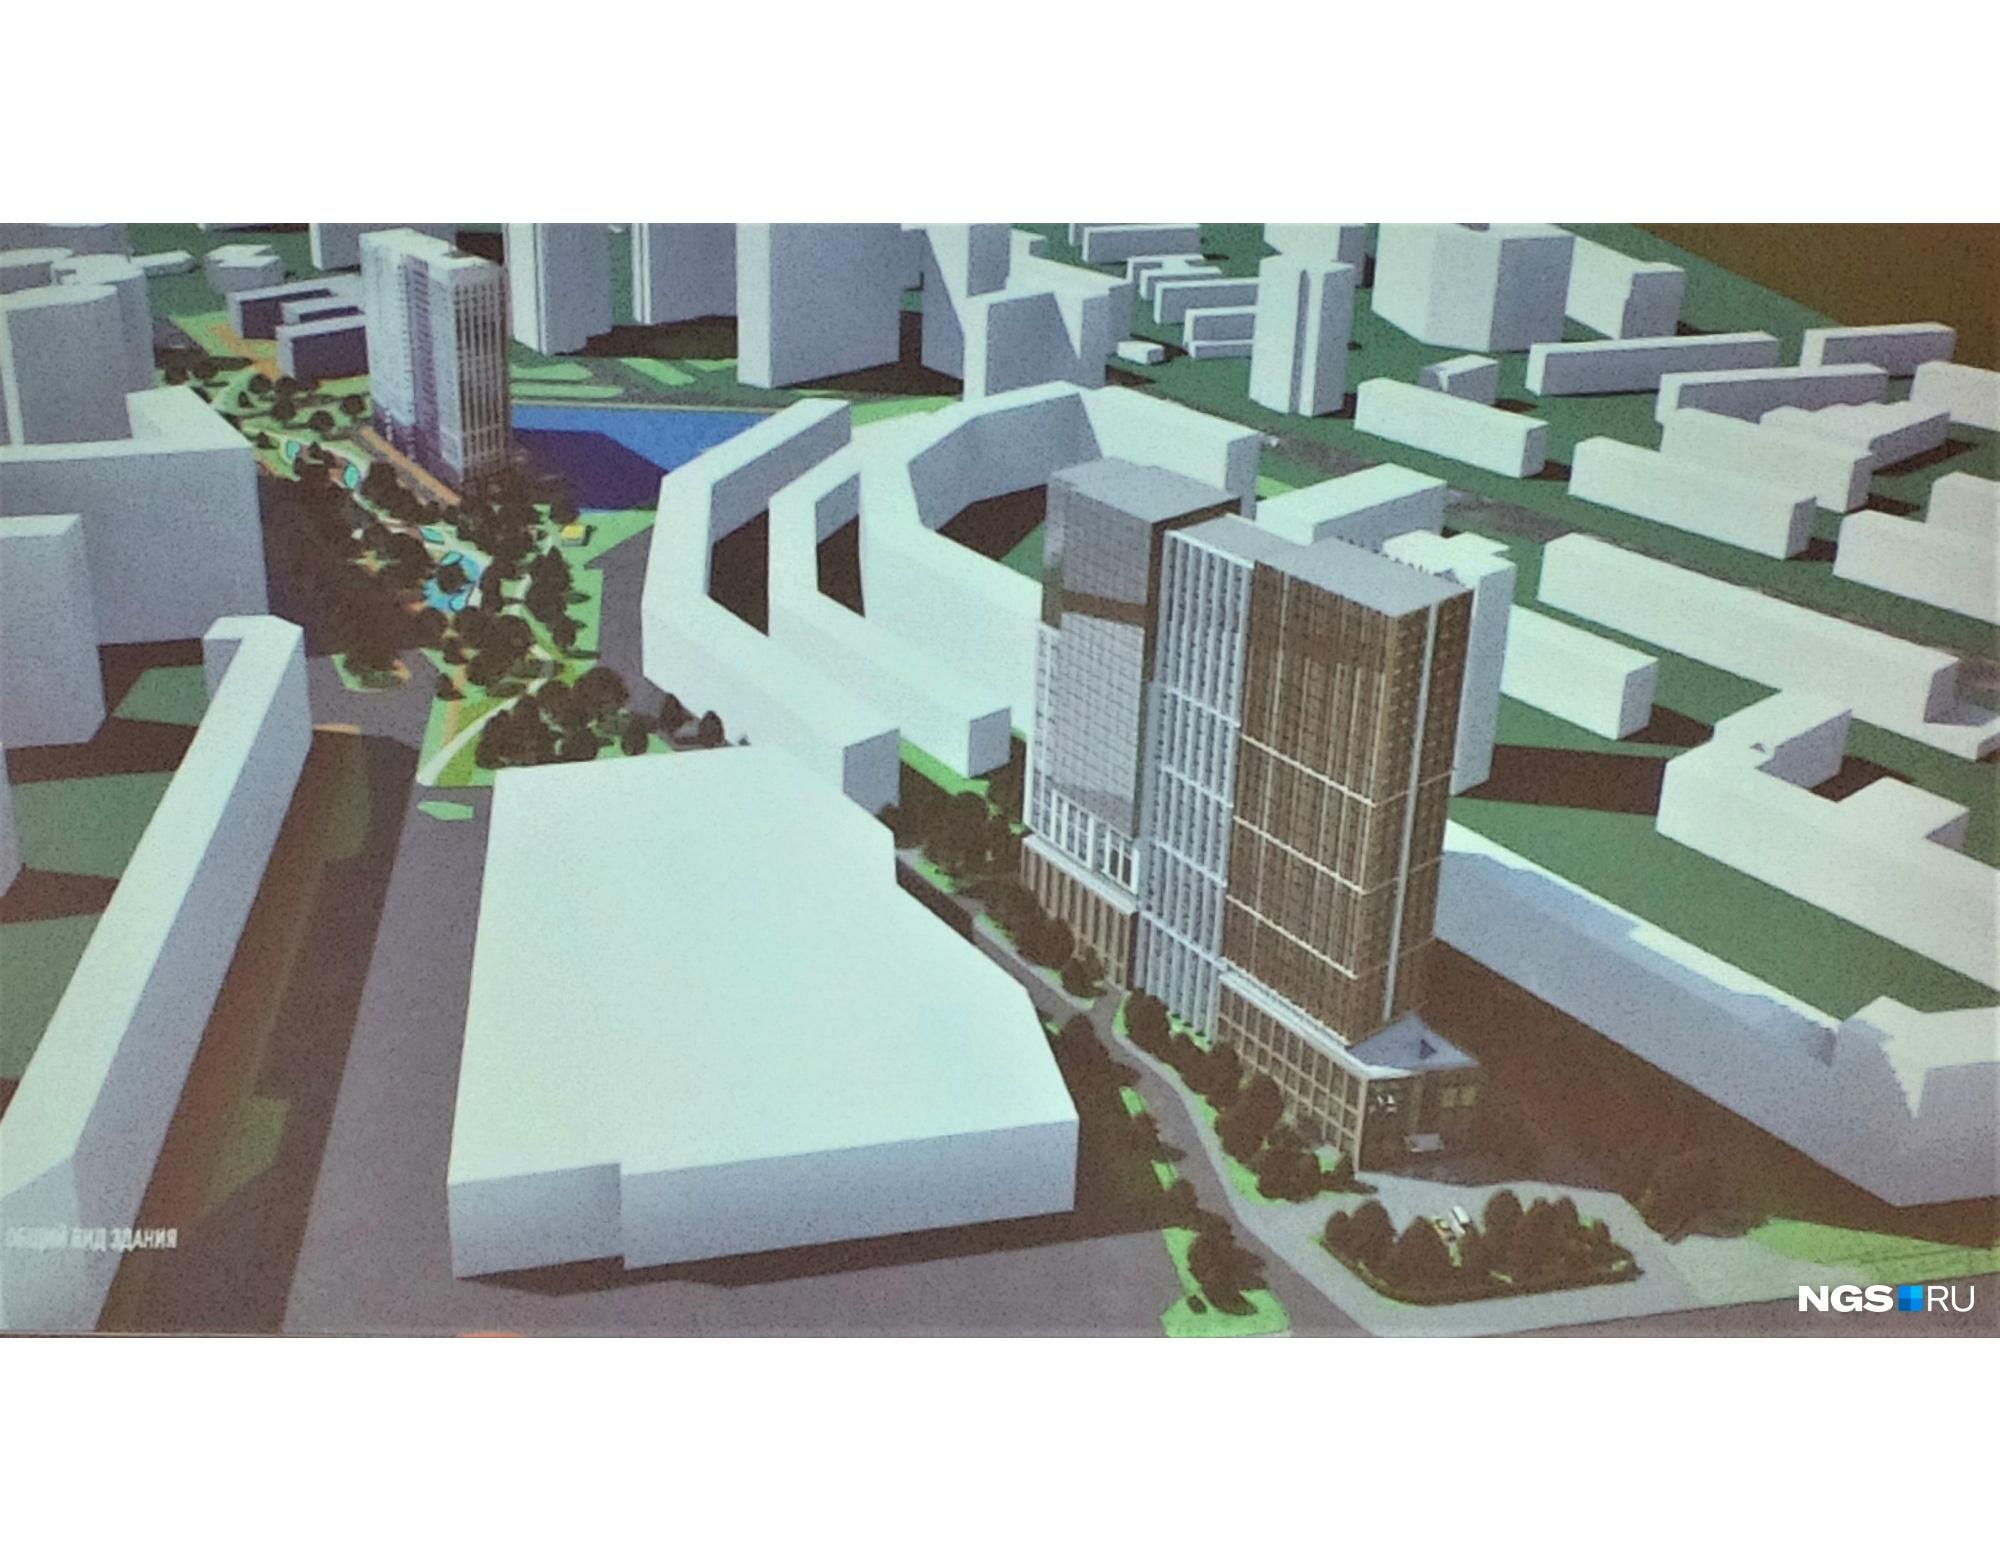 В концепции застройки участка возле «Ройял Парка» предлагают высотную гостиницу — за ее счет можно благоустроить сквер вдоль реки за зданием